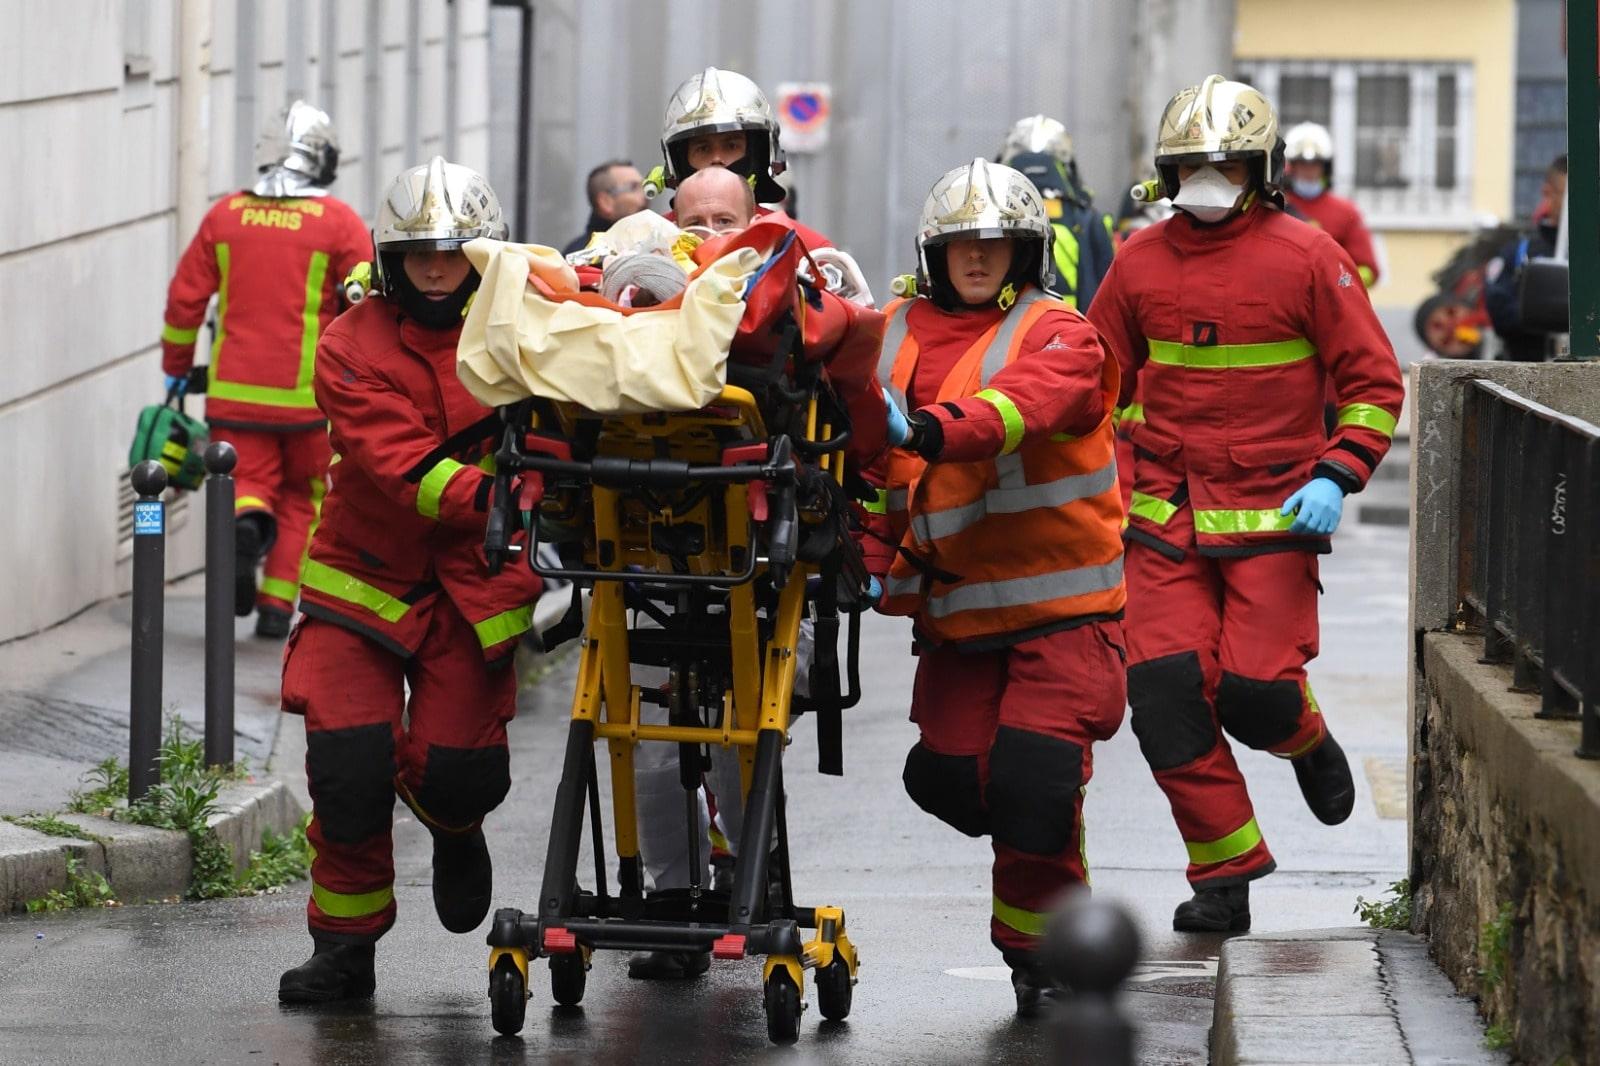 Ataque en Paris podria estar relacionado con Charlie Hebdo